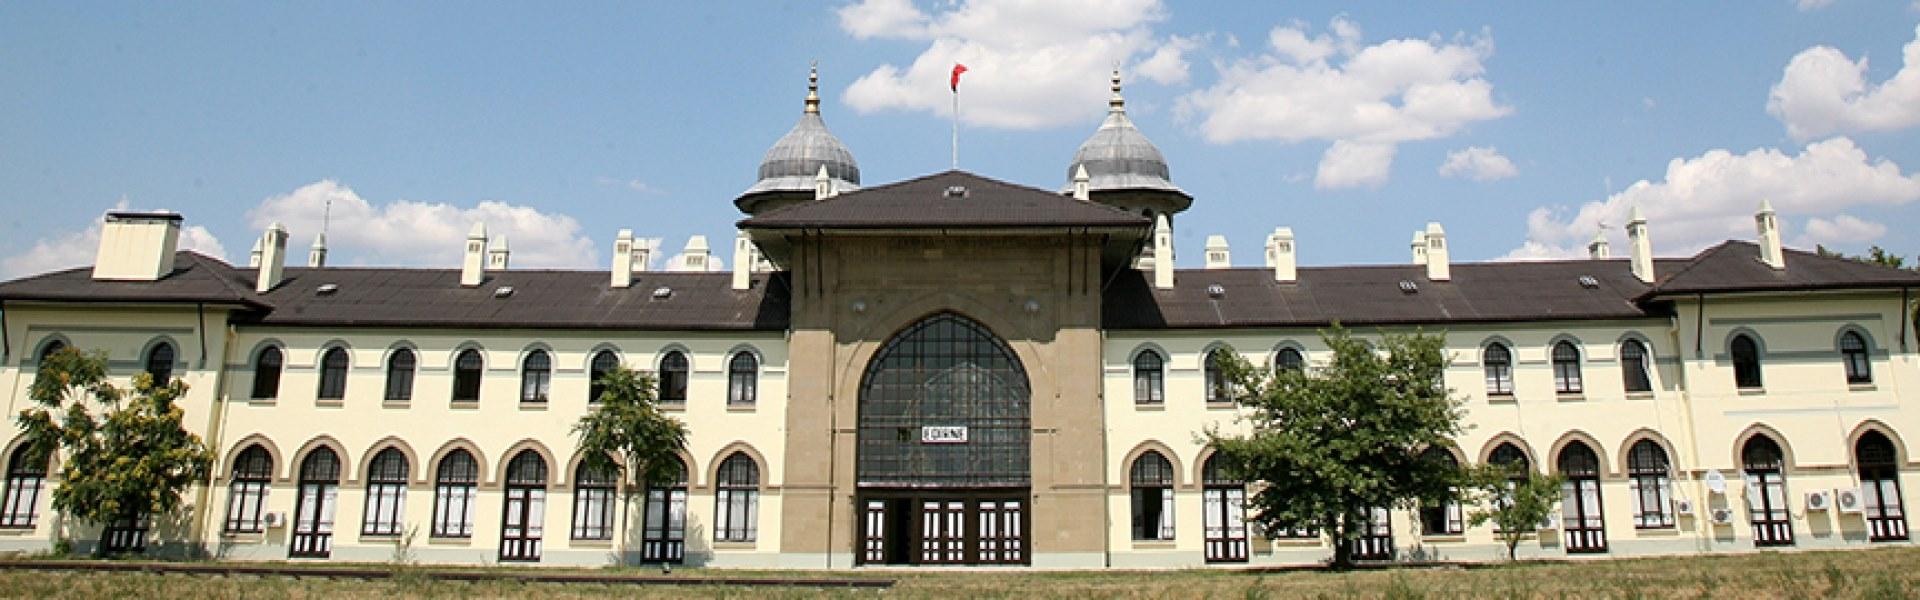 Marrëveshja e UBT-së me Trakya University u krijon studentëve të UBT-së mundësi për vazhdim të studimeve në Turqi